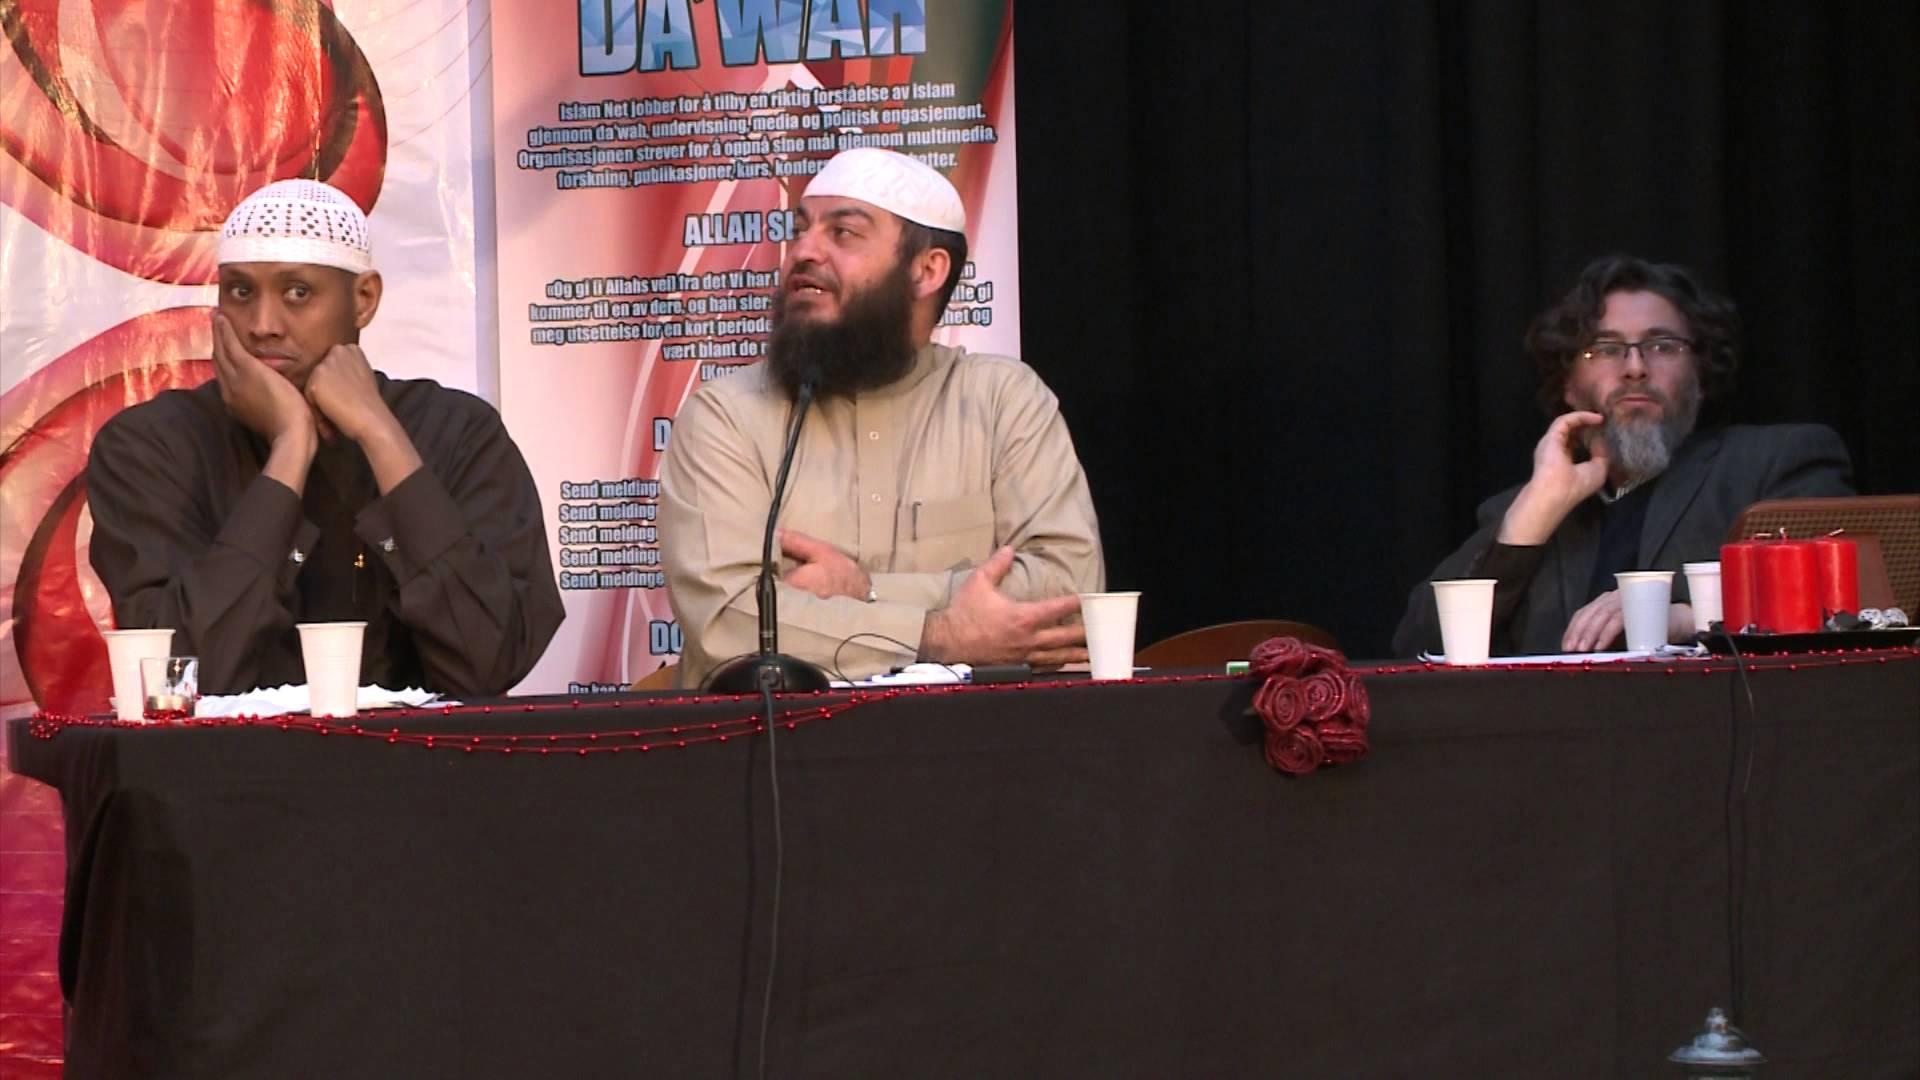 vraag-gematigde-moslims-zijn-toc